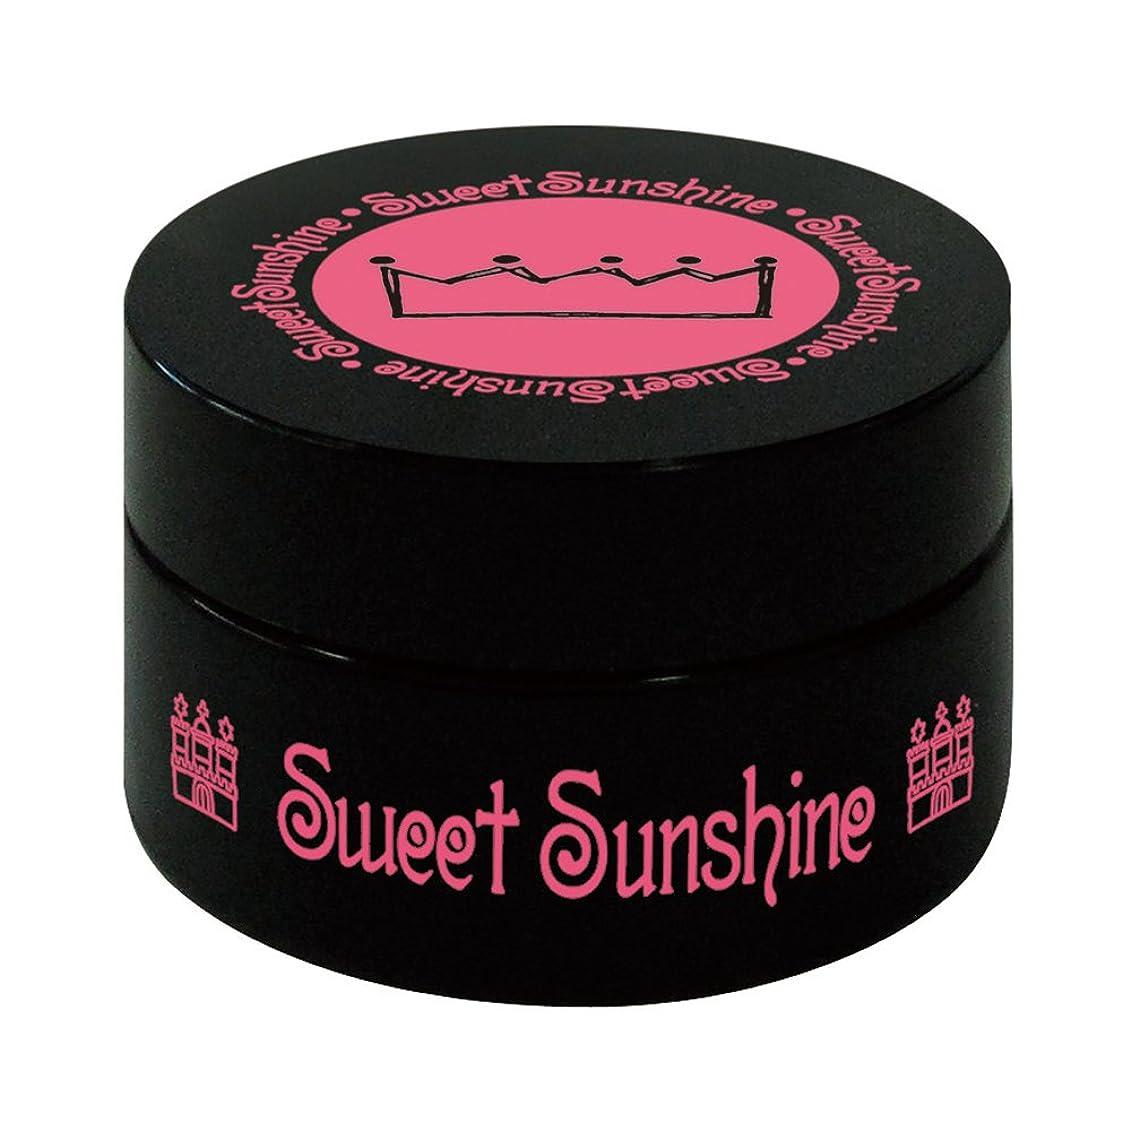 見ましたステップ永遠の最速硬化LED対応 Sweet Sunshine スィート サンシャイン カラージェル SC-12 4g サマーパステルパープル